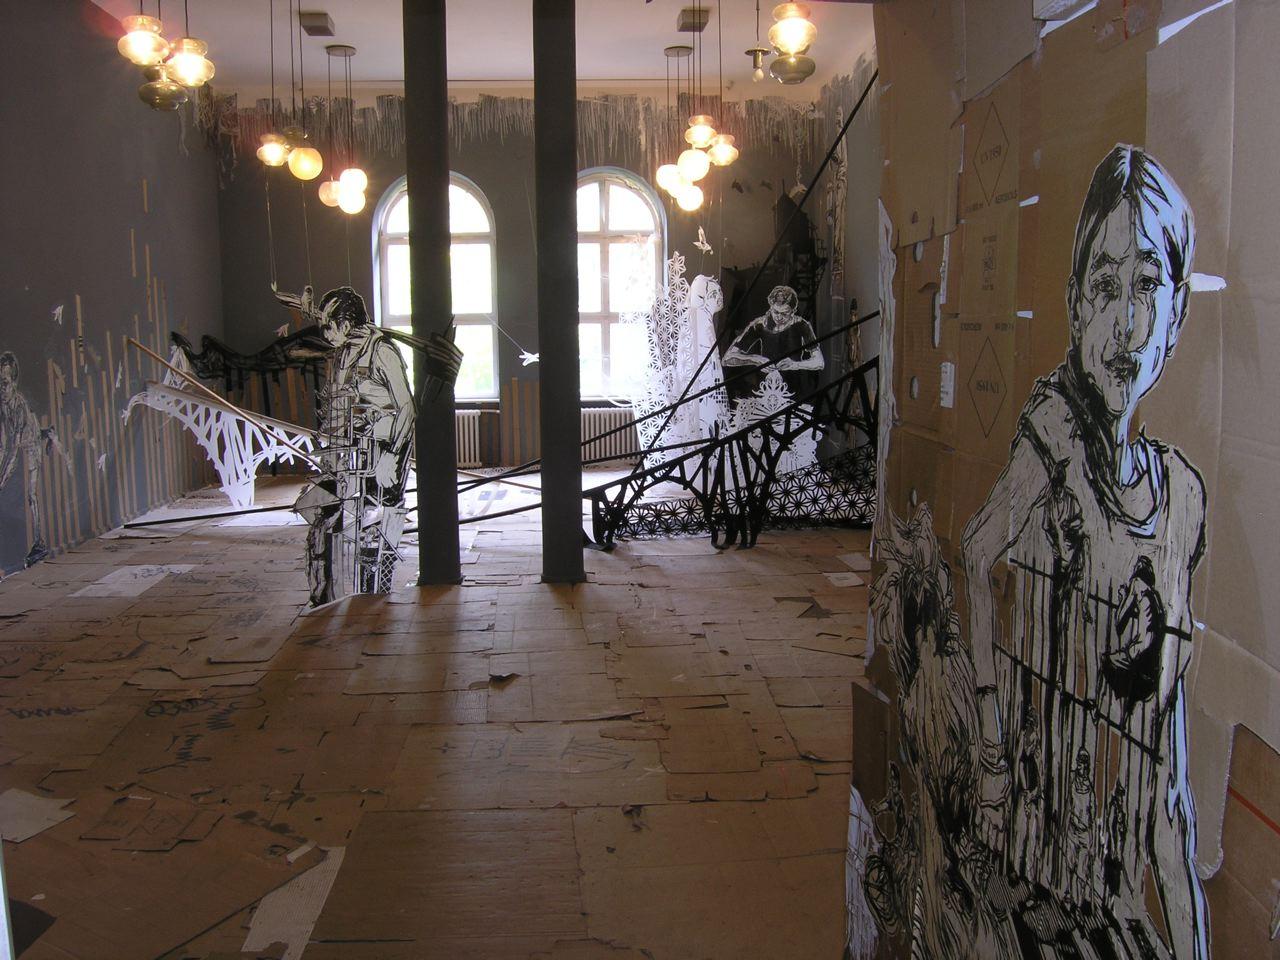 bild ausstellungen impressionen von kunstraum kreuzberg bethanien bei kunstnet. Black Bedroom Furniture Sets. Home Design Ideas